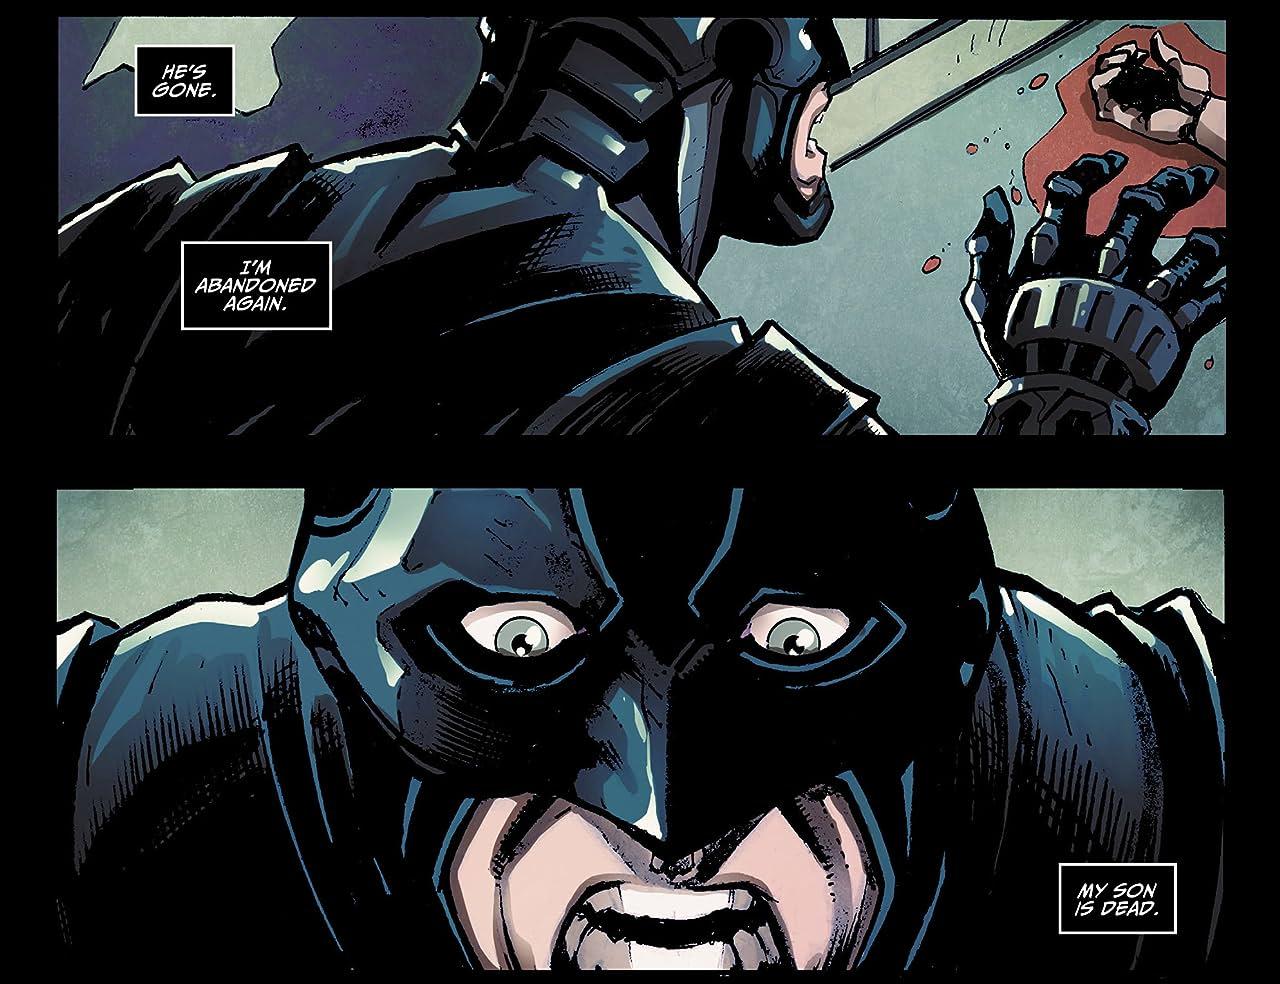 Injustice: Gods Among Us (2013) #14